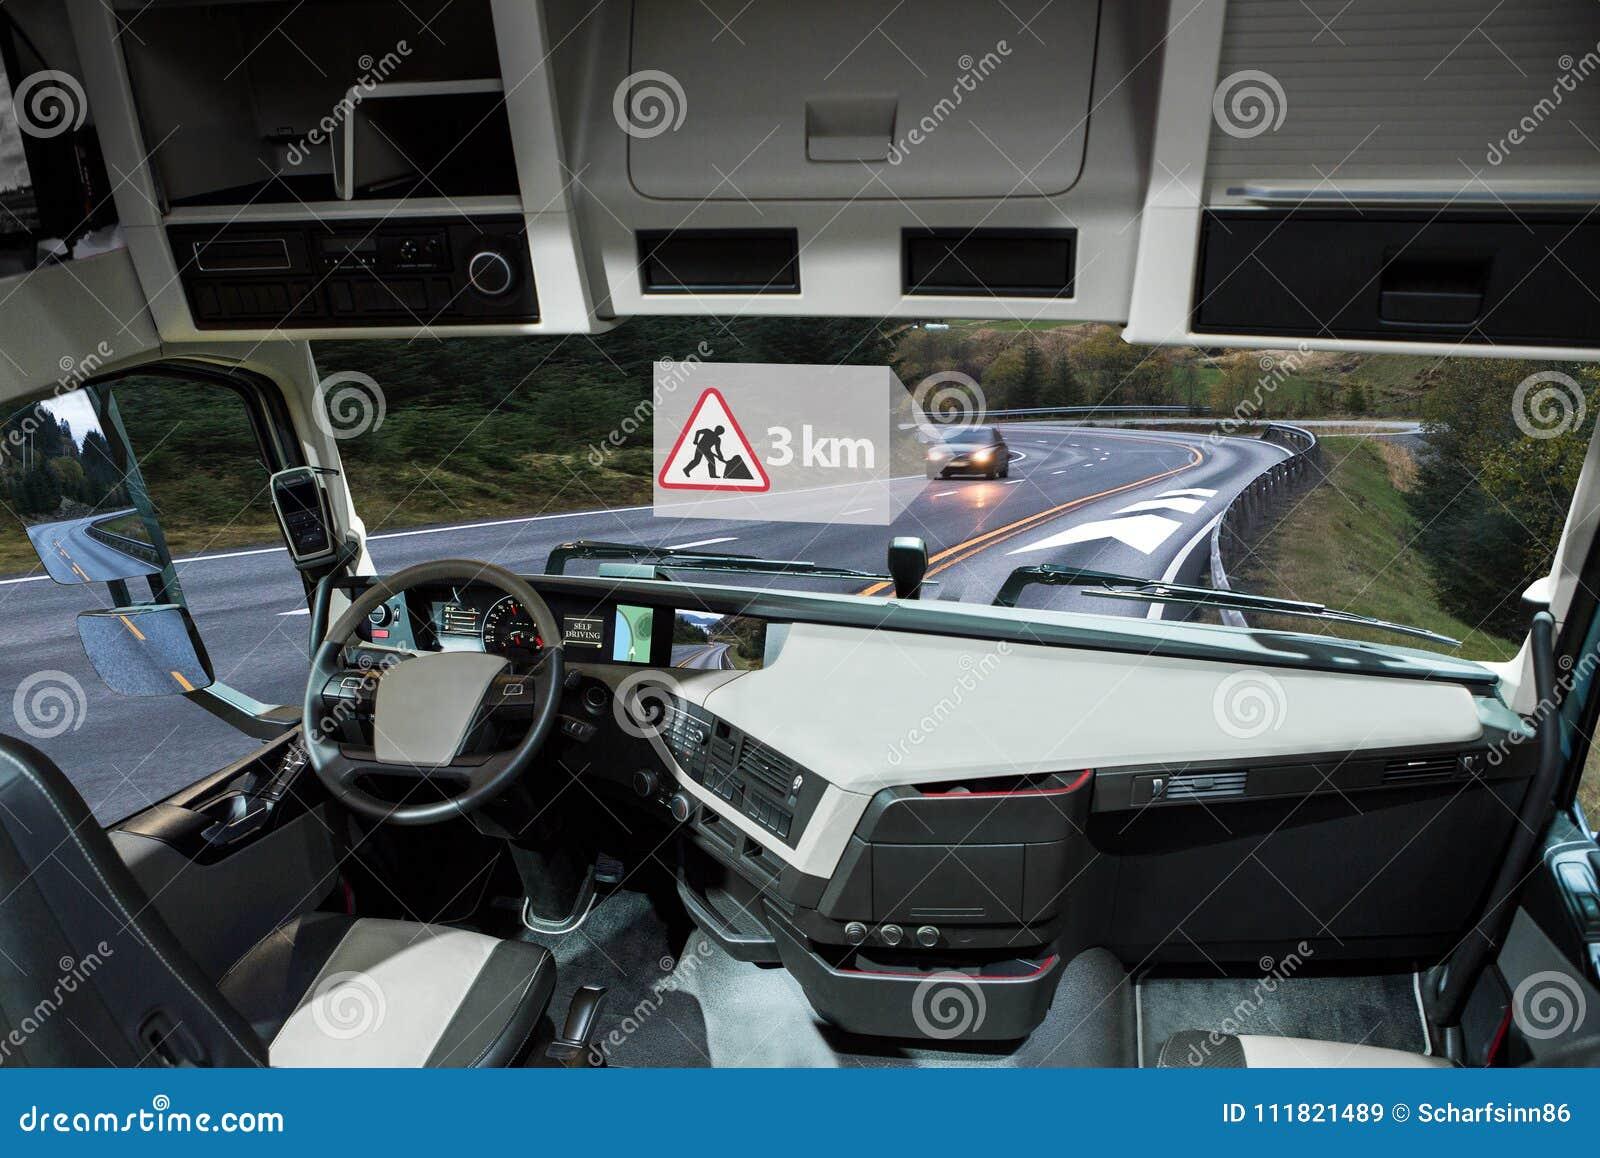 Zelf drijfvrachtwagen op een weg Voertuig aan voertuig mededeling